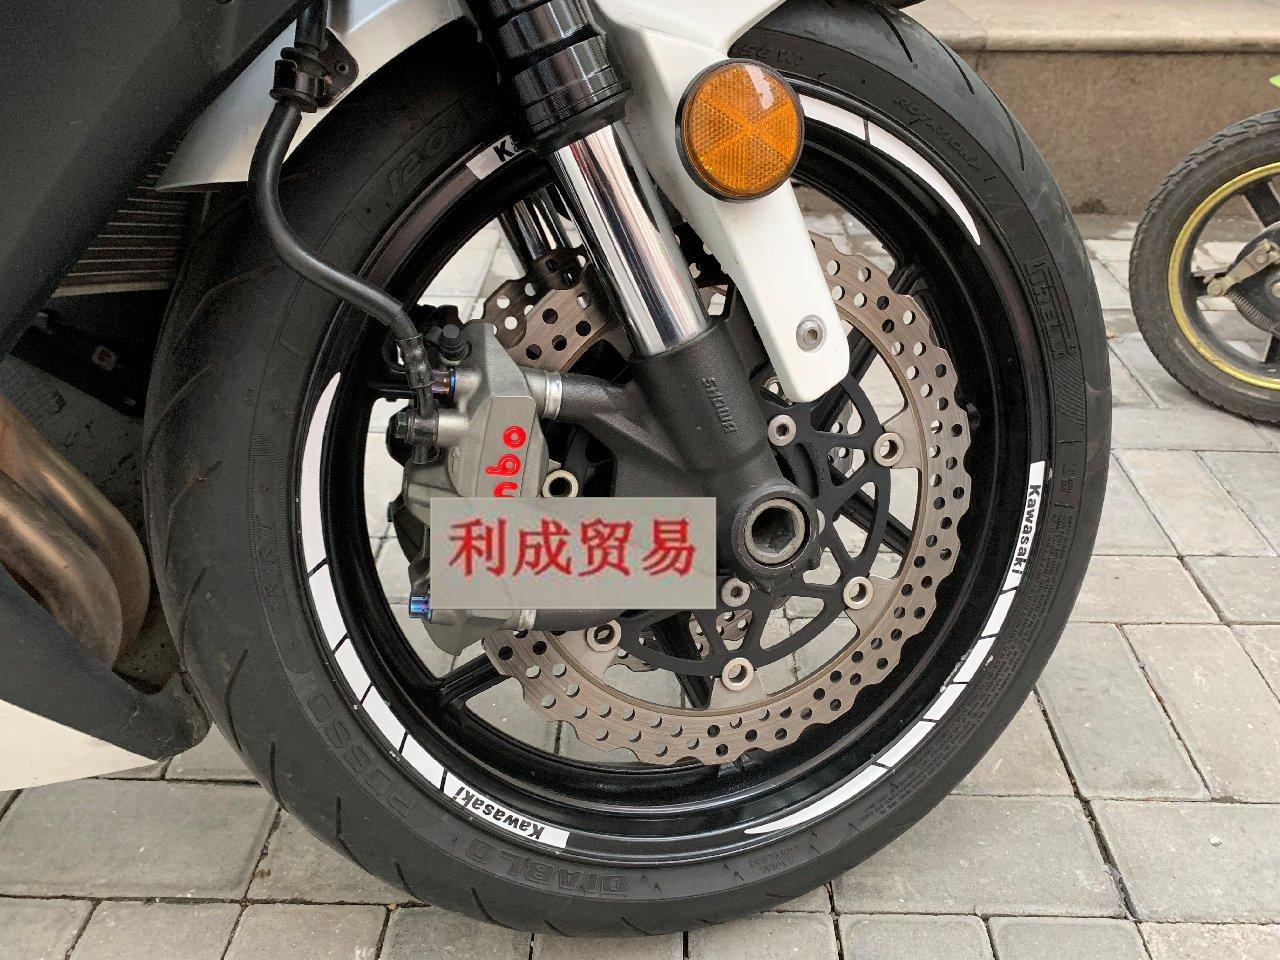 貼紙Z650/NINJA300/Z1000/Z900/ZX-6RGTR1400鋼圈輪框貼/摩托車輪轂貼